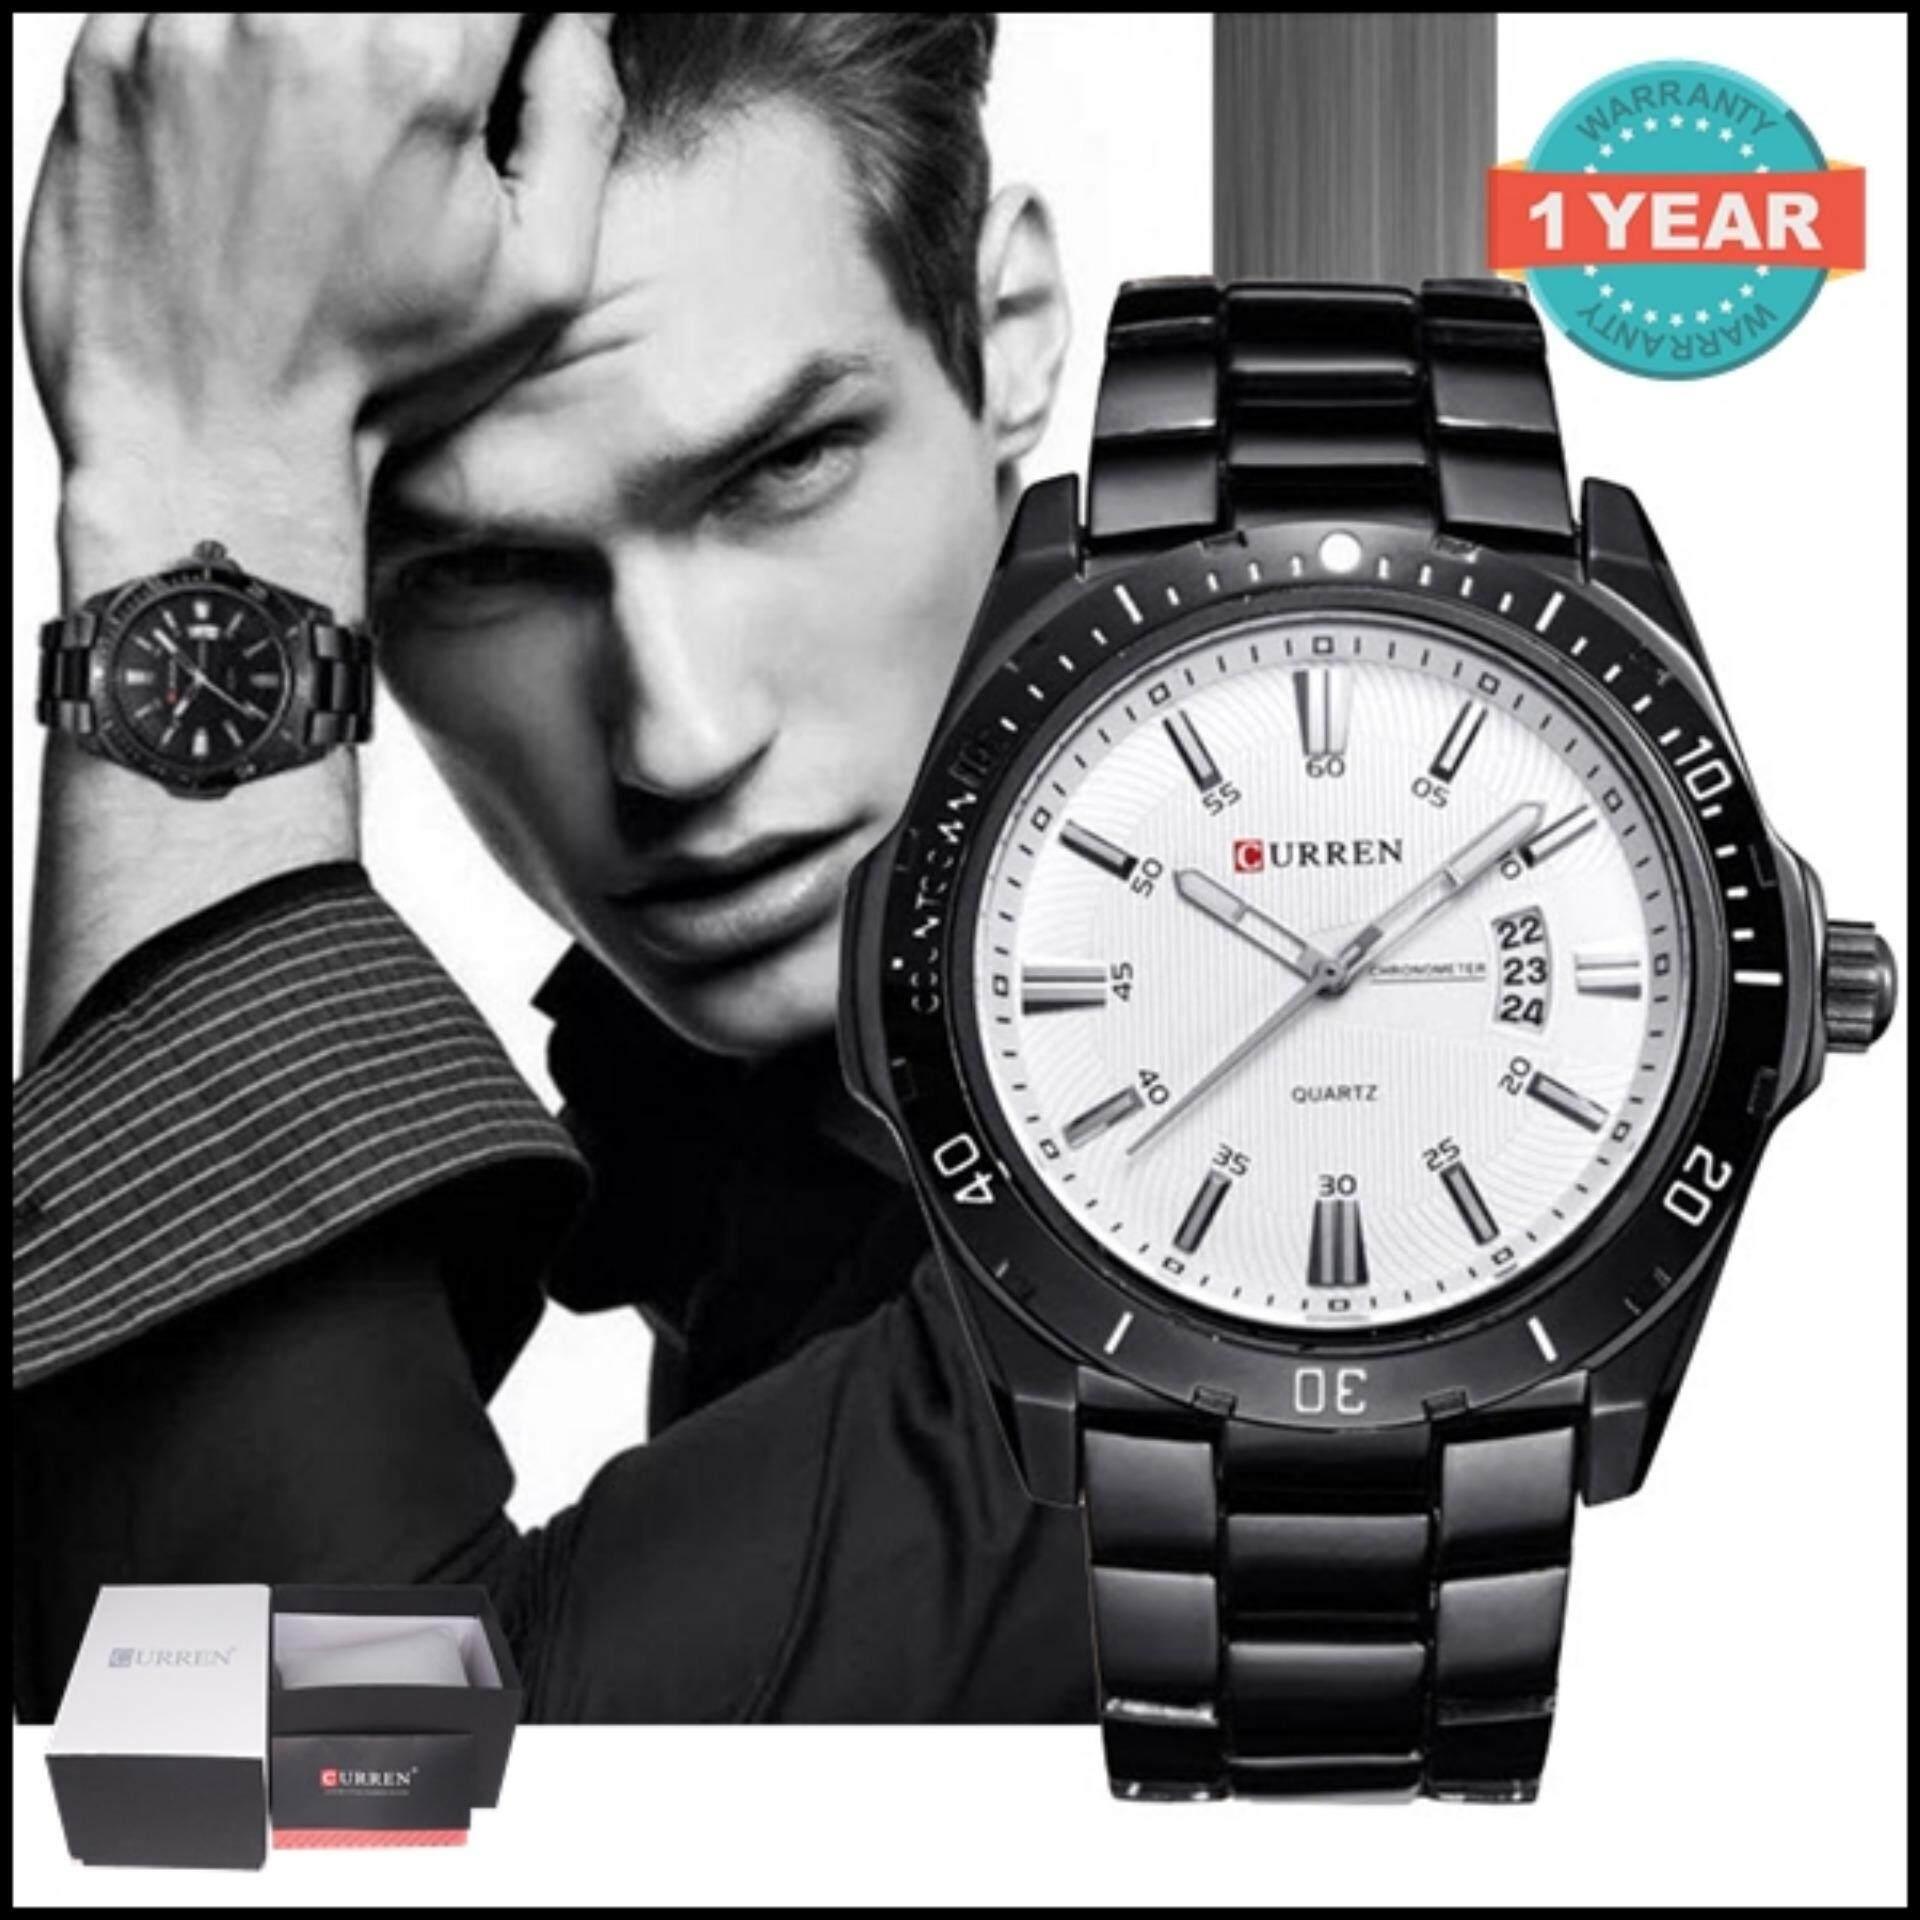 ซื้อ Curren นาฬิกาข้อมือสุภาพบุรุษ Black White สายสแตนเลส รุ่น C8110 Curren เป็นต้นฉบับ